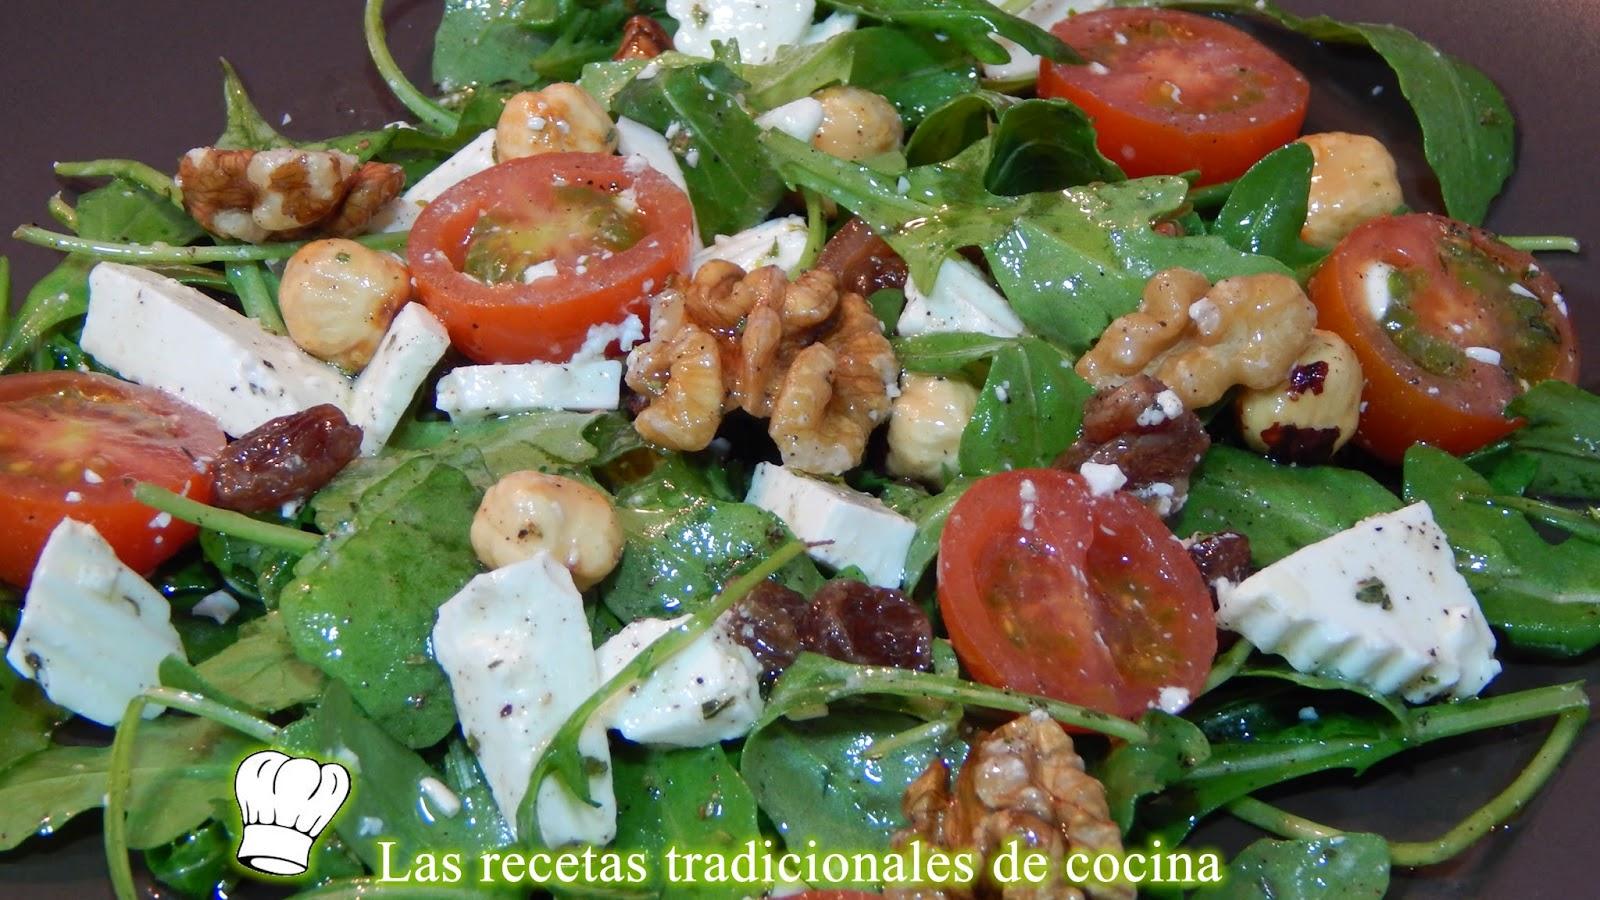 Ensalada de rúcula con frutos secos y queso fresco